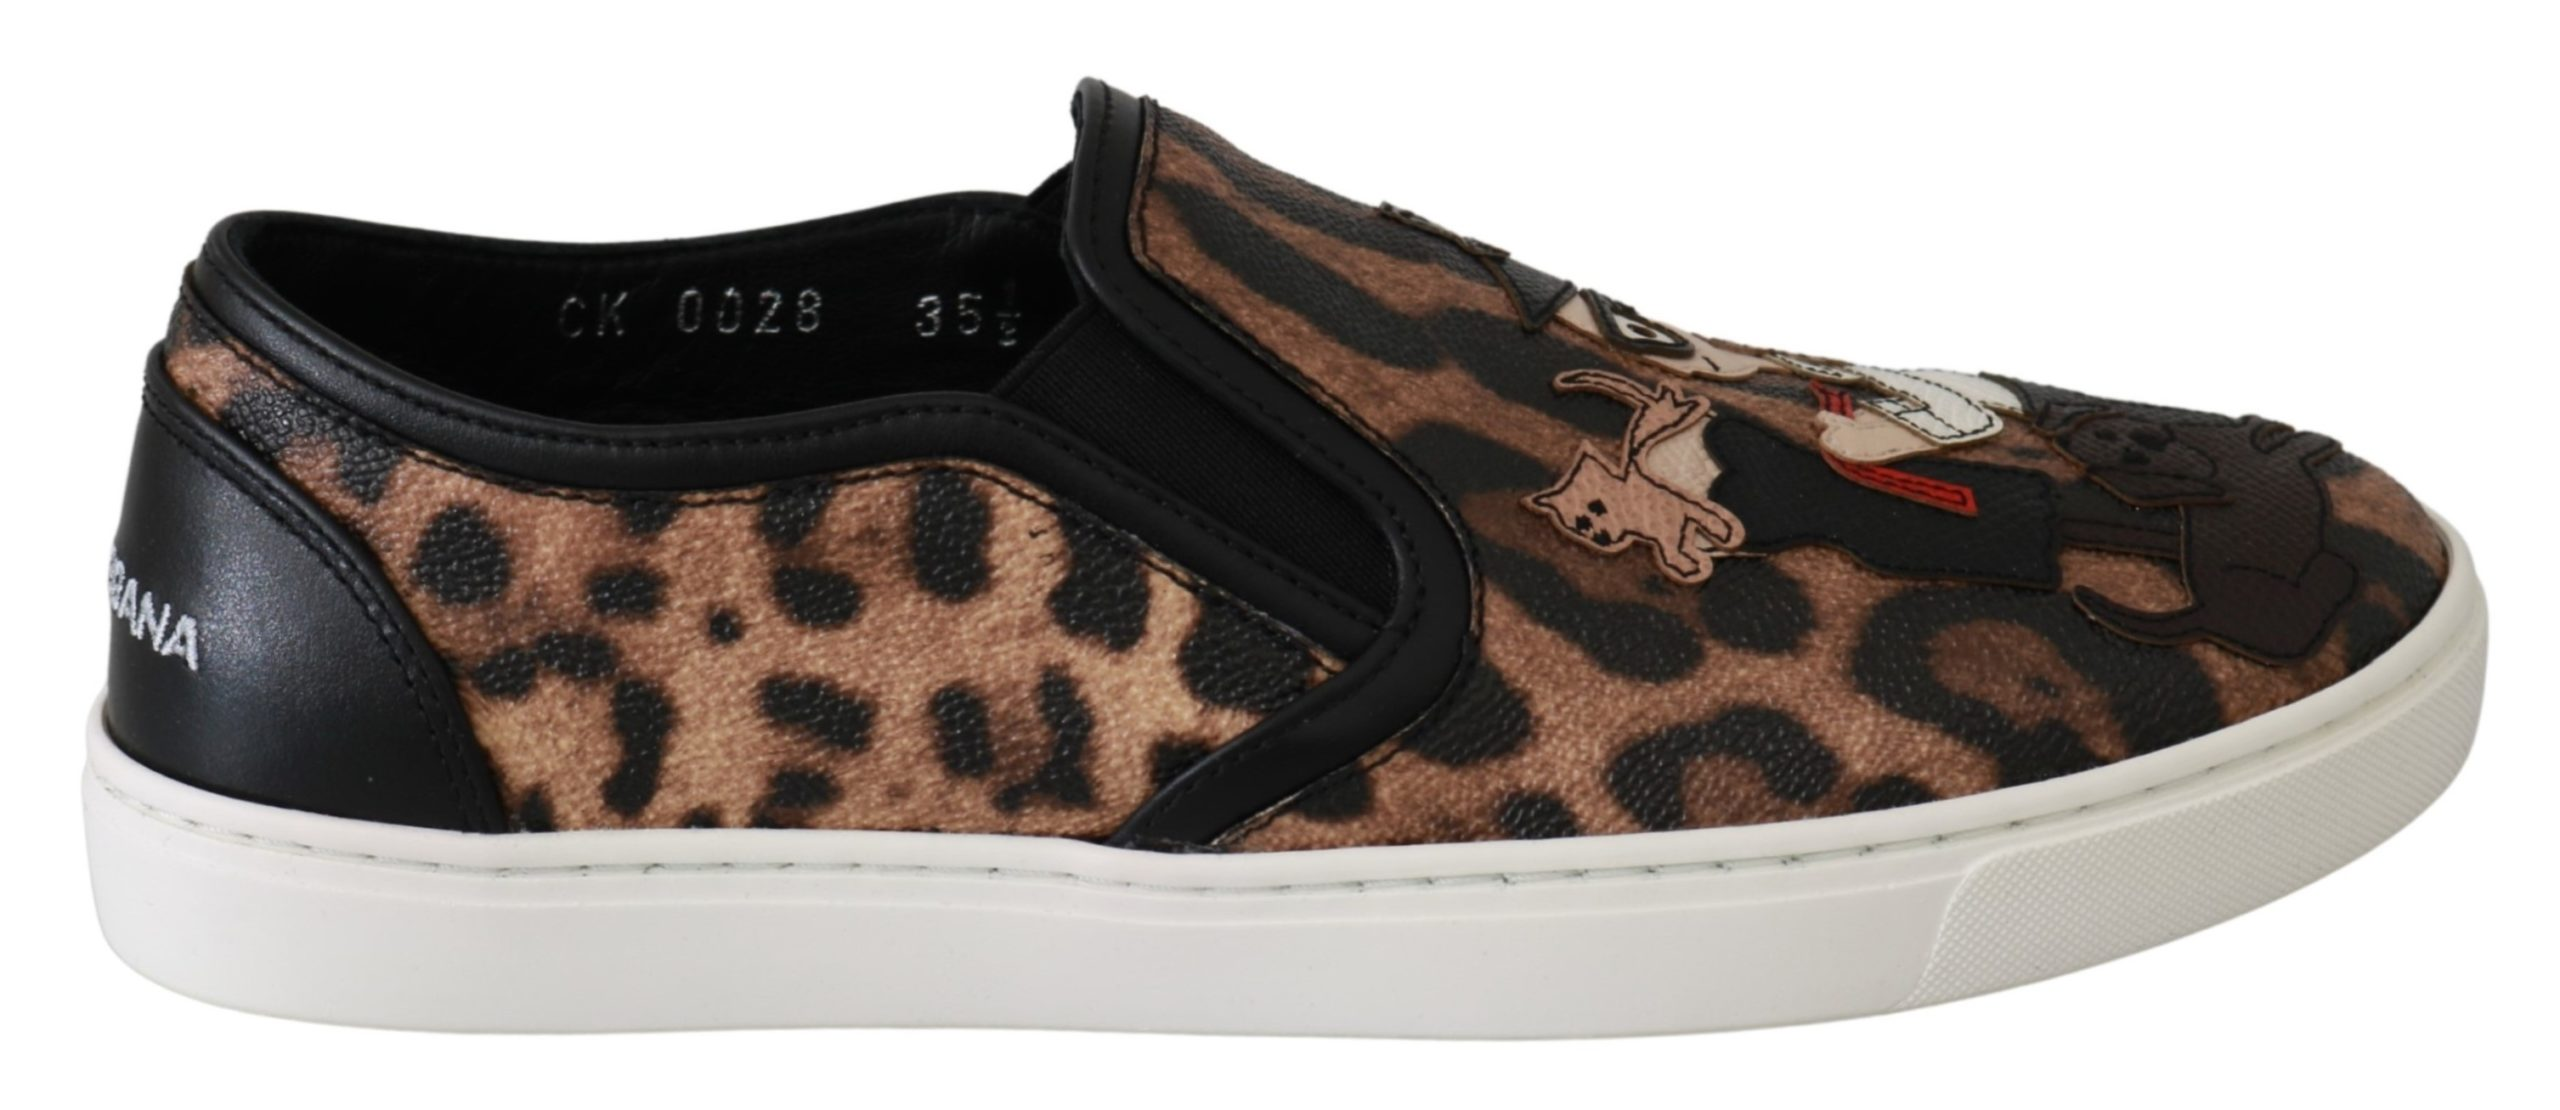 Dolce & Gabbana Women's Leather Leopard Flat Shoe Brown LA6483 - EU35.5/US5